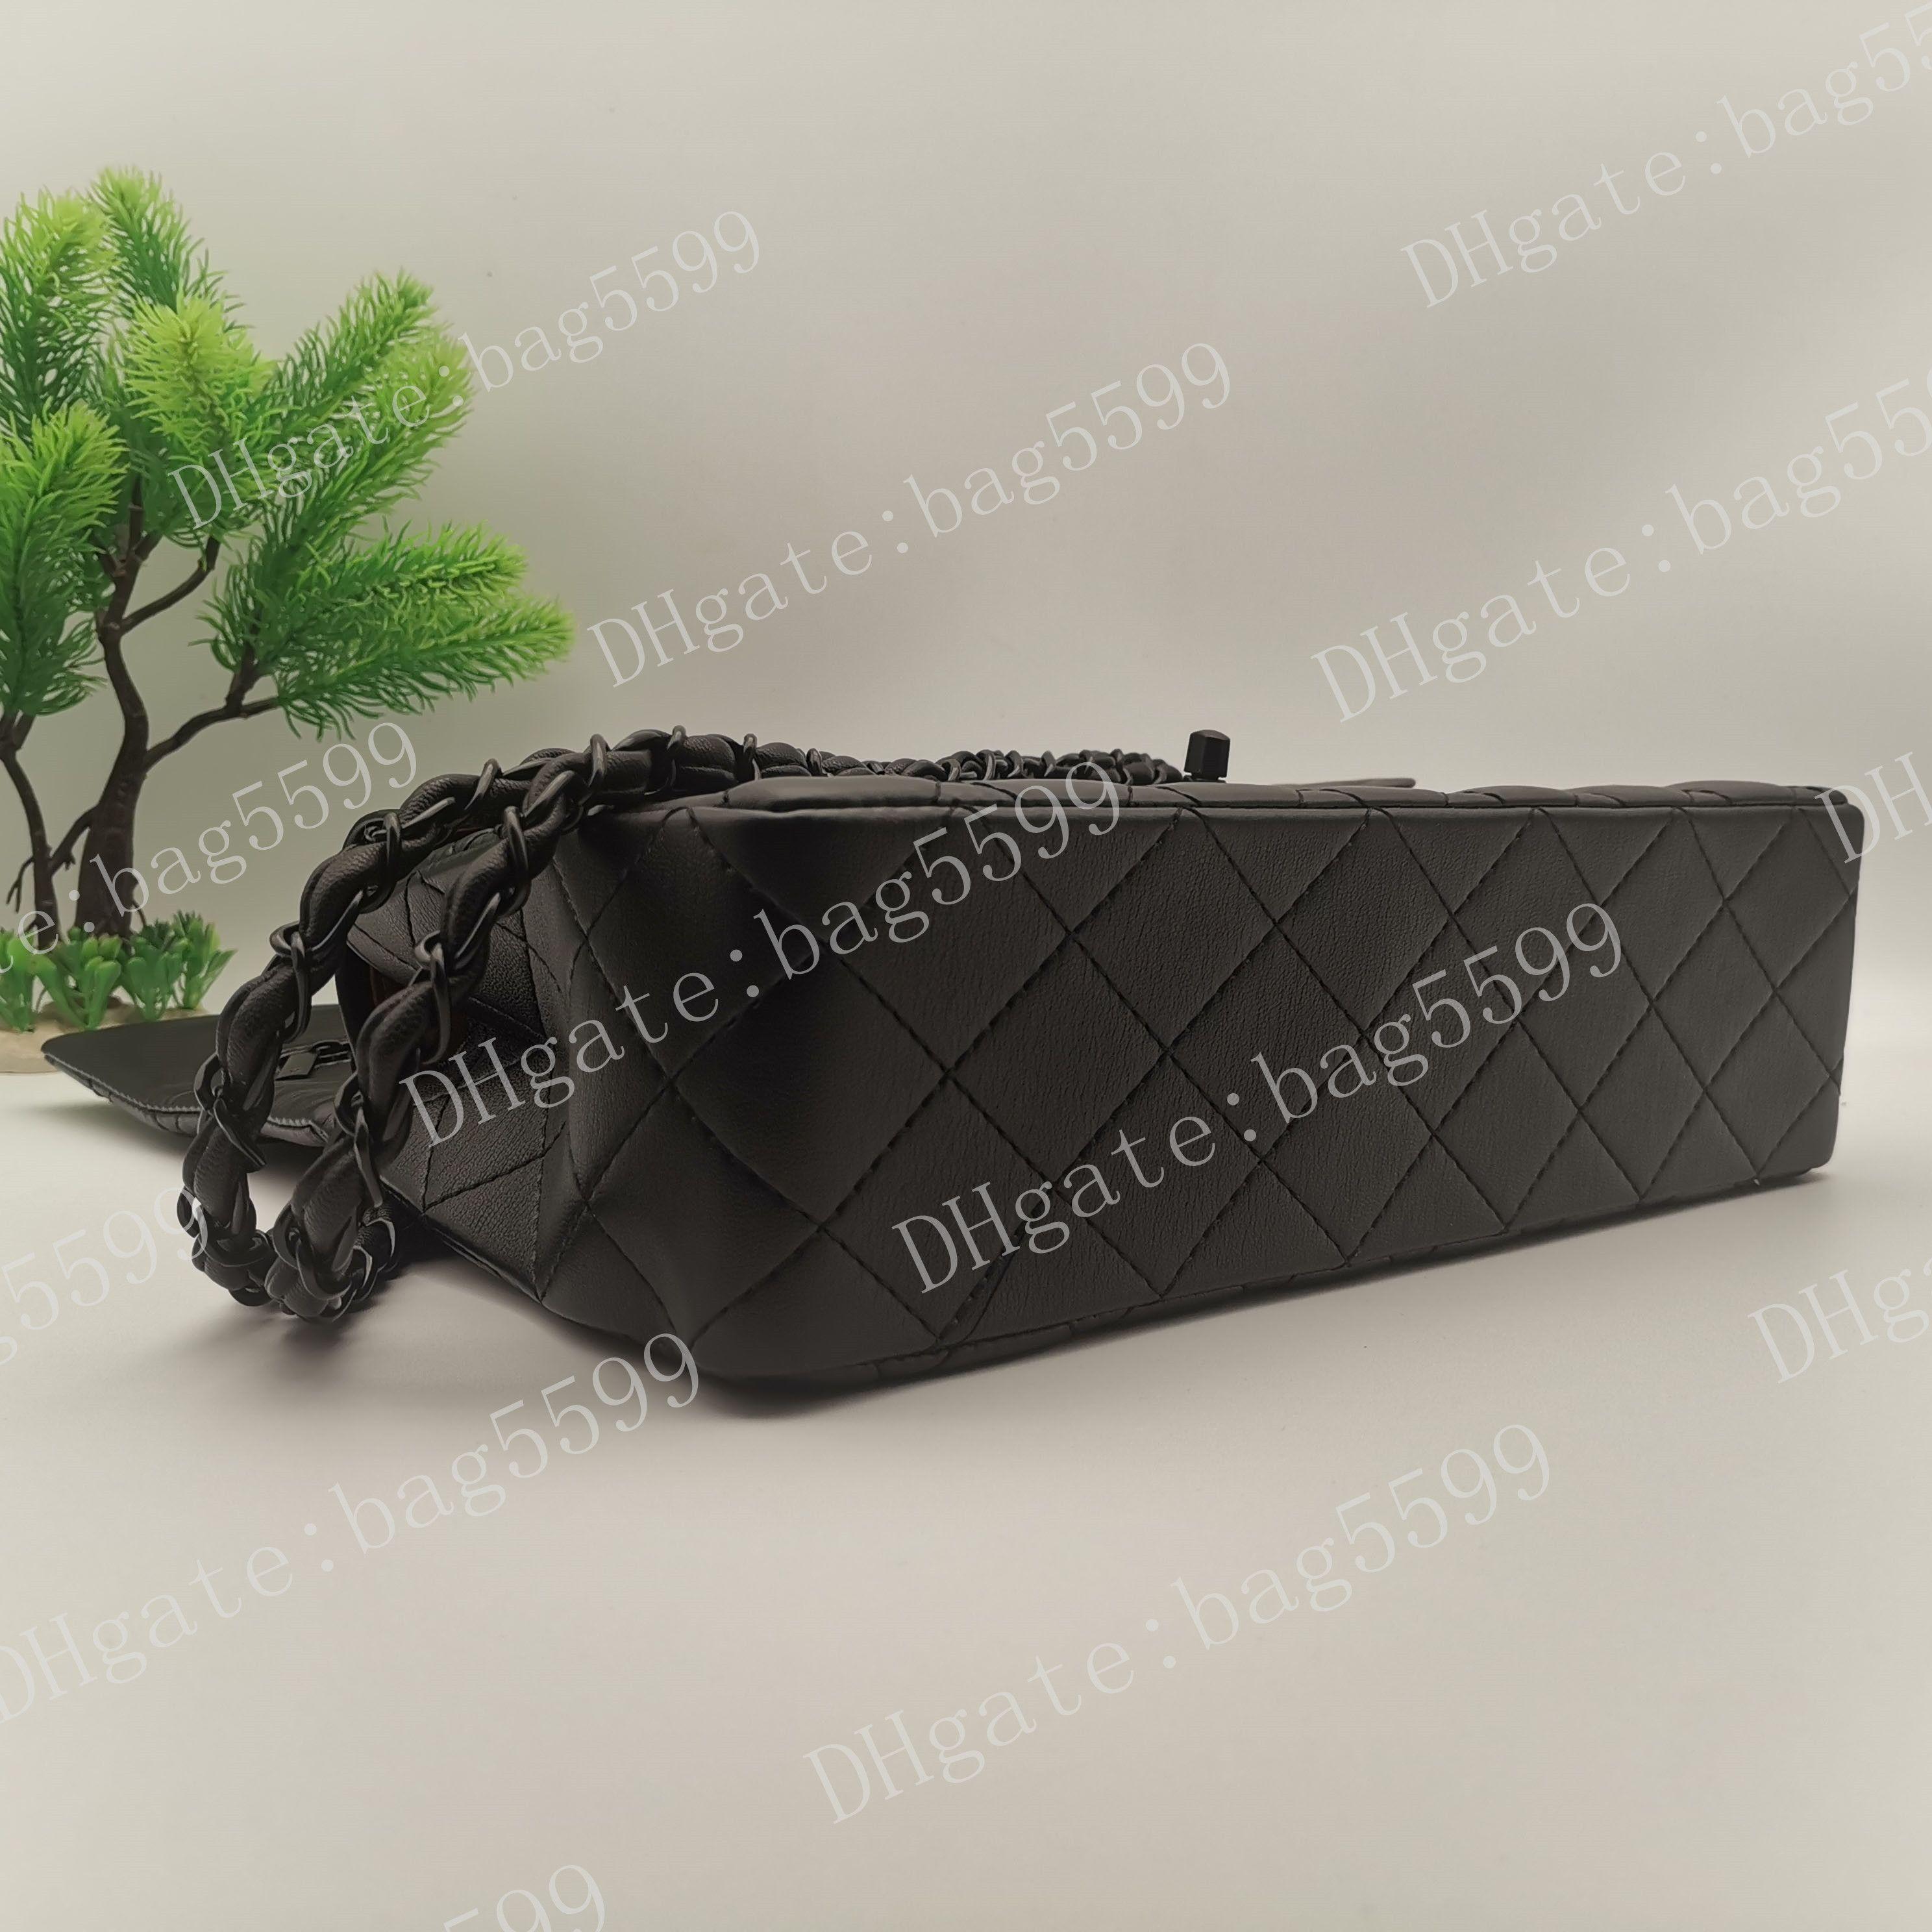 Tasarımcı Kadın Çantası Üstün Kalite Crossbody Omuz Çevirme Çanta Iyi Deri Çantalar Lady Cep Telefonu Depolama Kozmetik Çanta